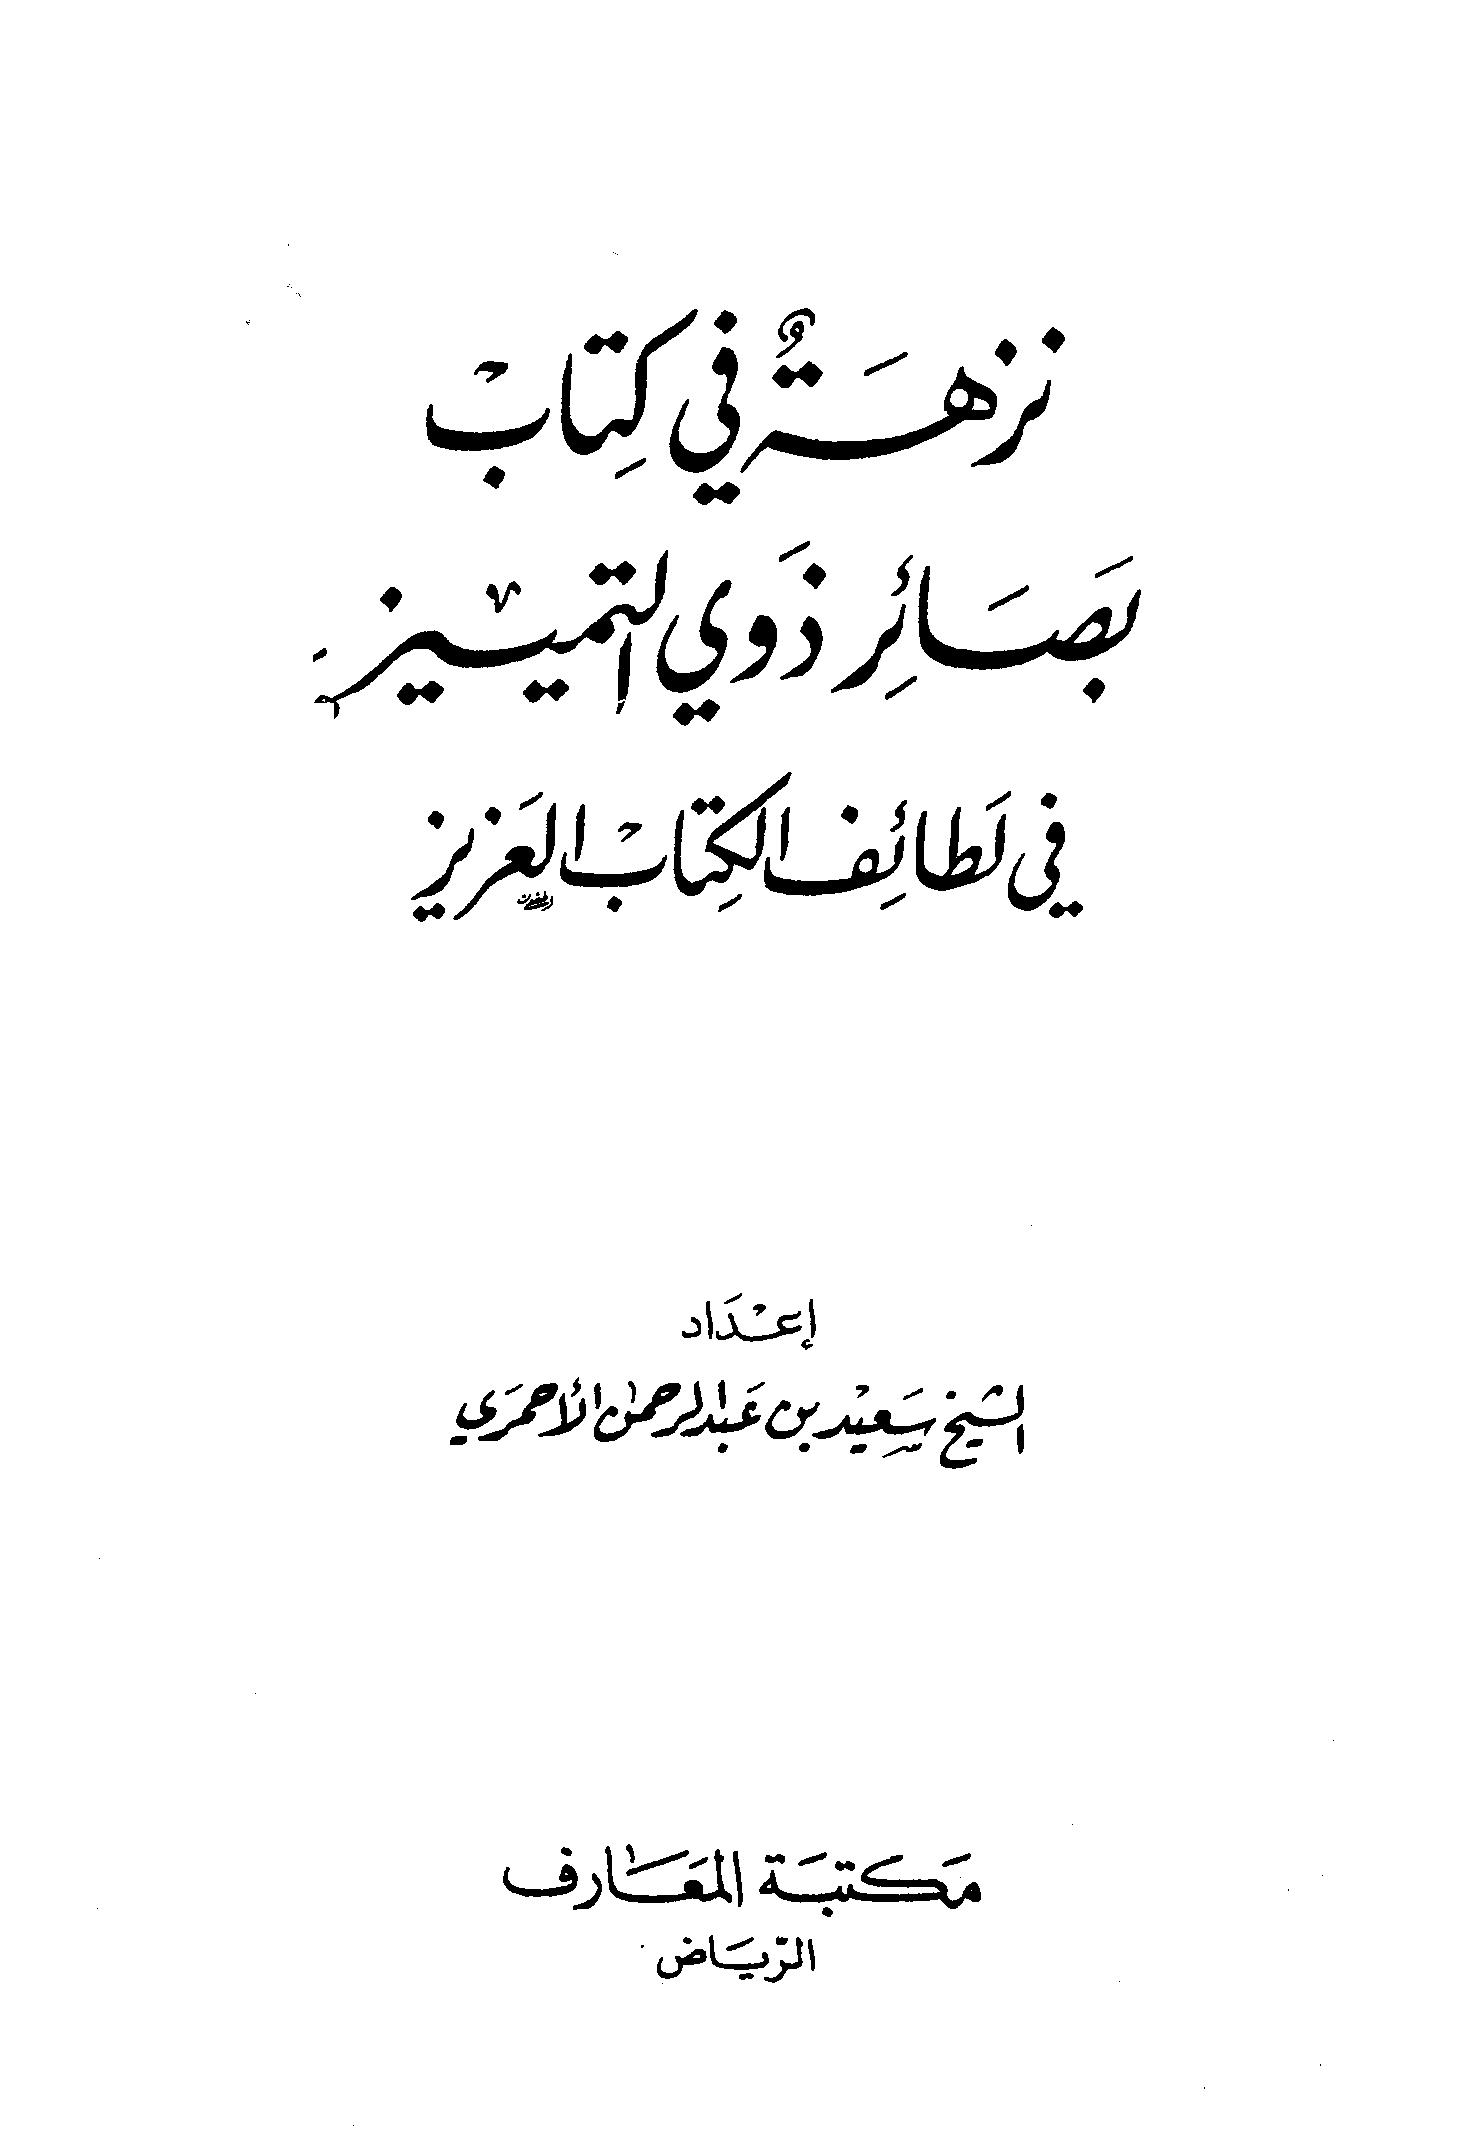 تحميل كتاب نزهة في كتاب بصائر ذوي التمييز في لطائف الكتاب العزيز لـِ: الشيخ سعيد بن عبد الرحمن الأحمري